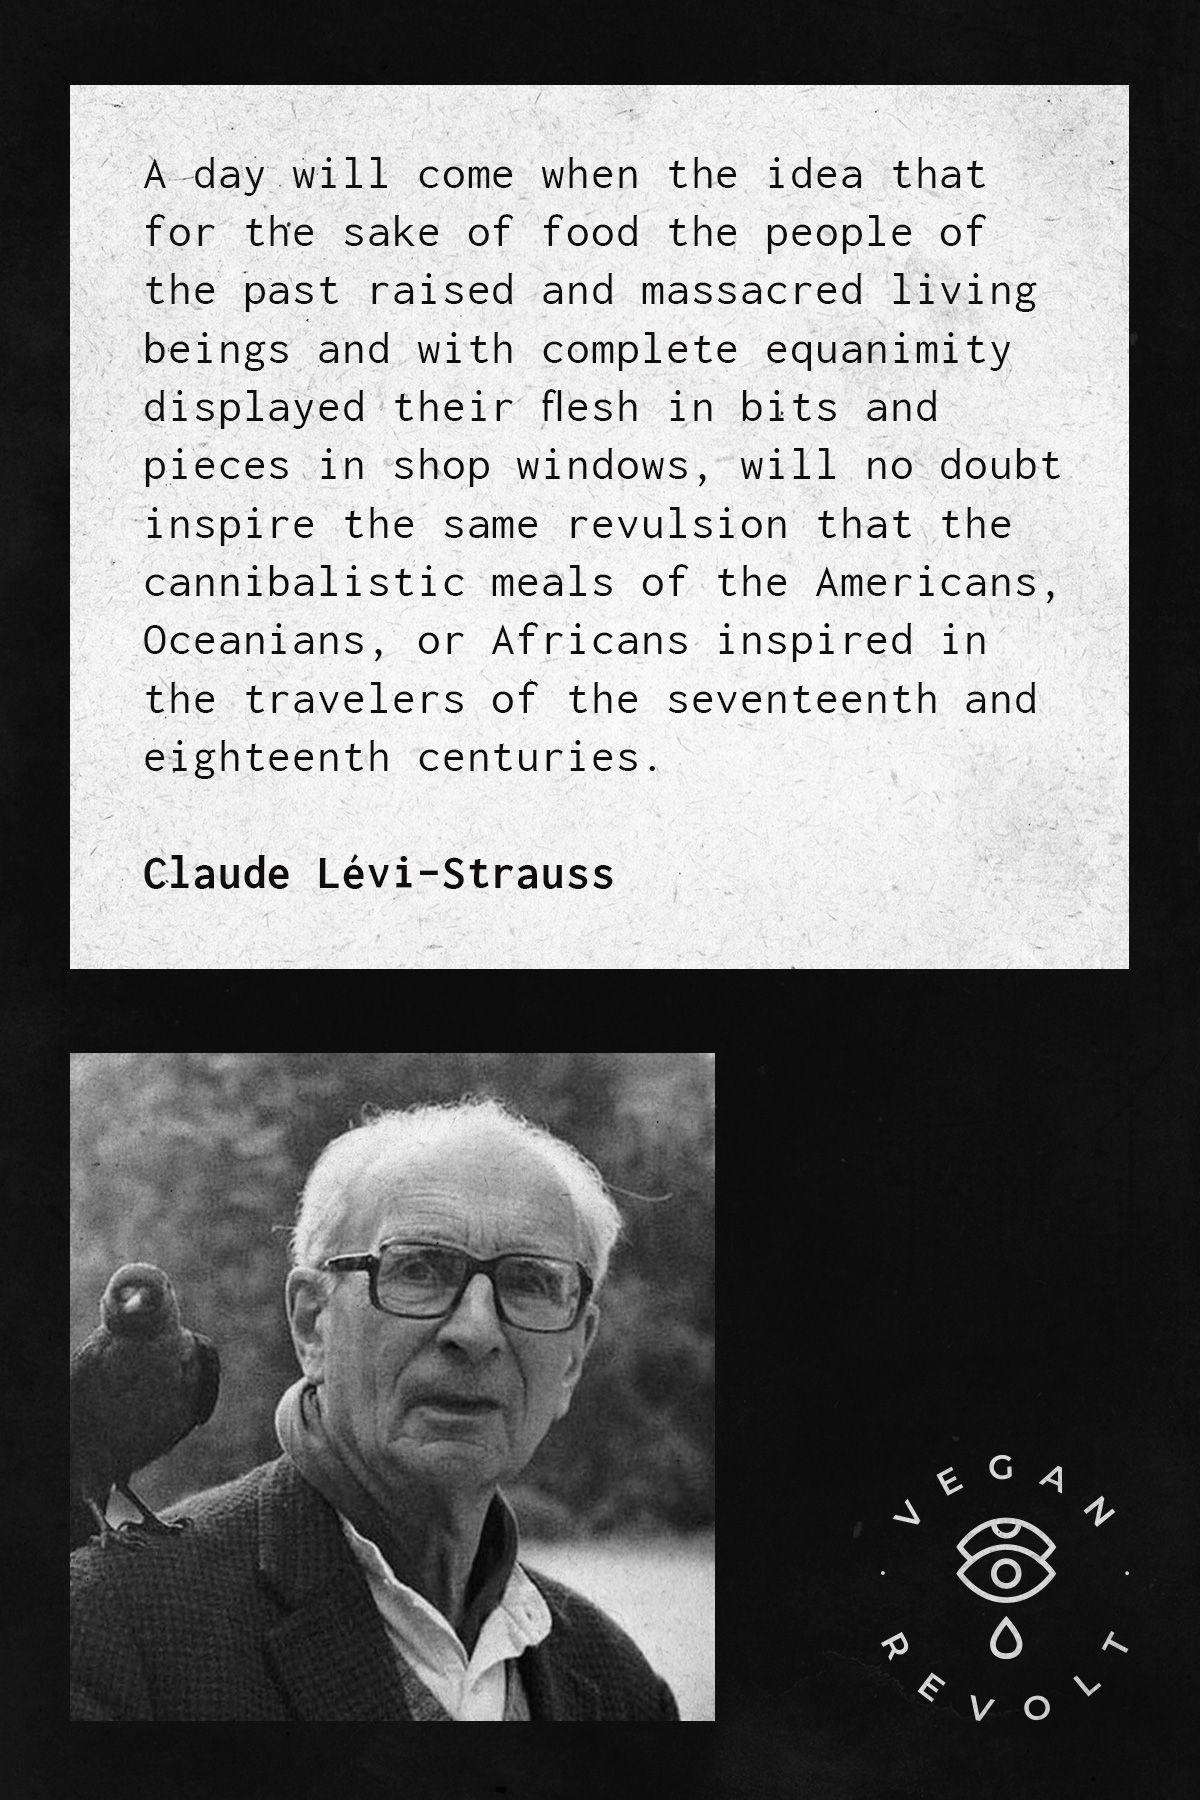 Claude Levi Strauss Vegan Quotes Vegan Instagram Photo